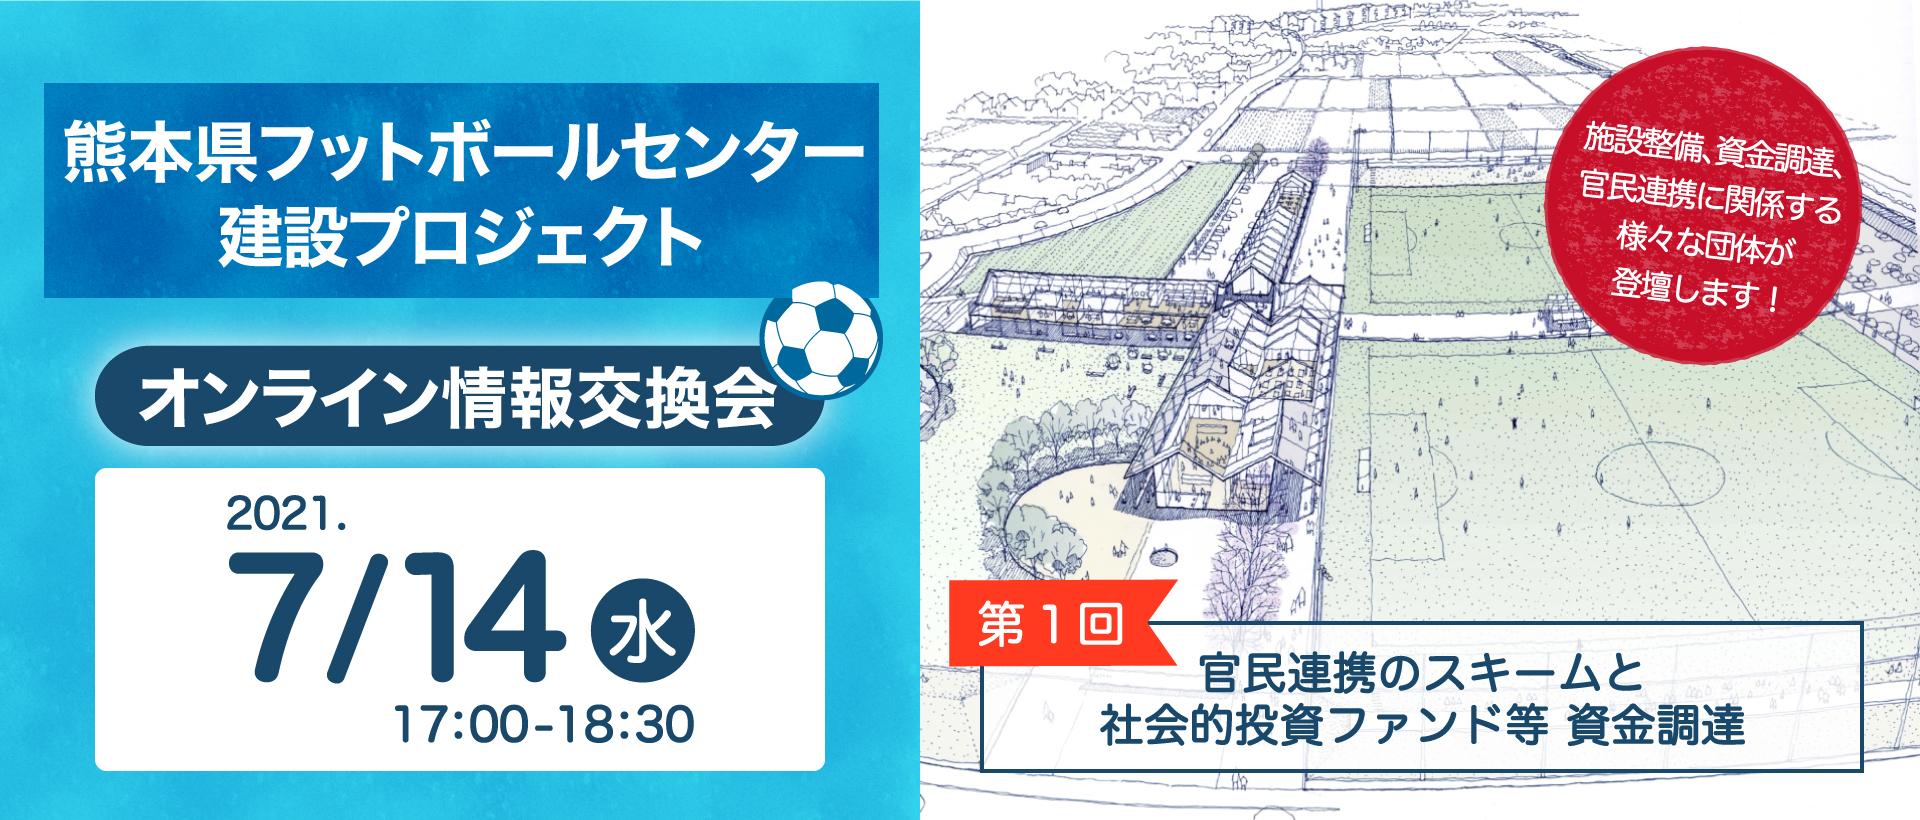 熊本県フットボールセンター建設プロジェクトオンライン情報交換会